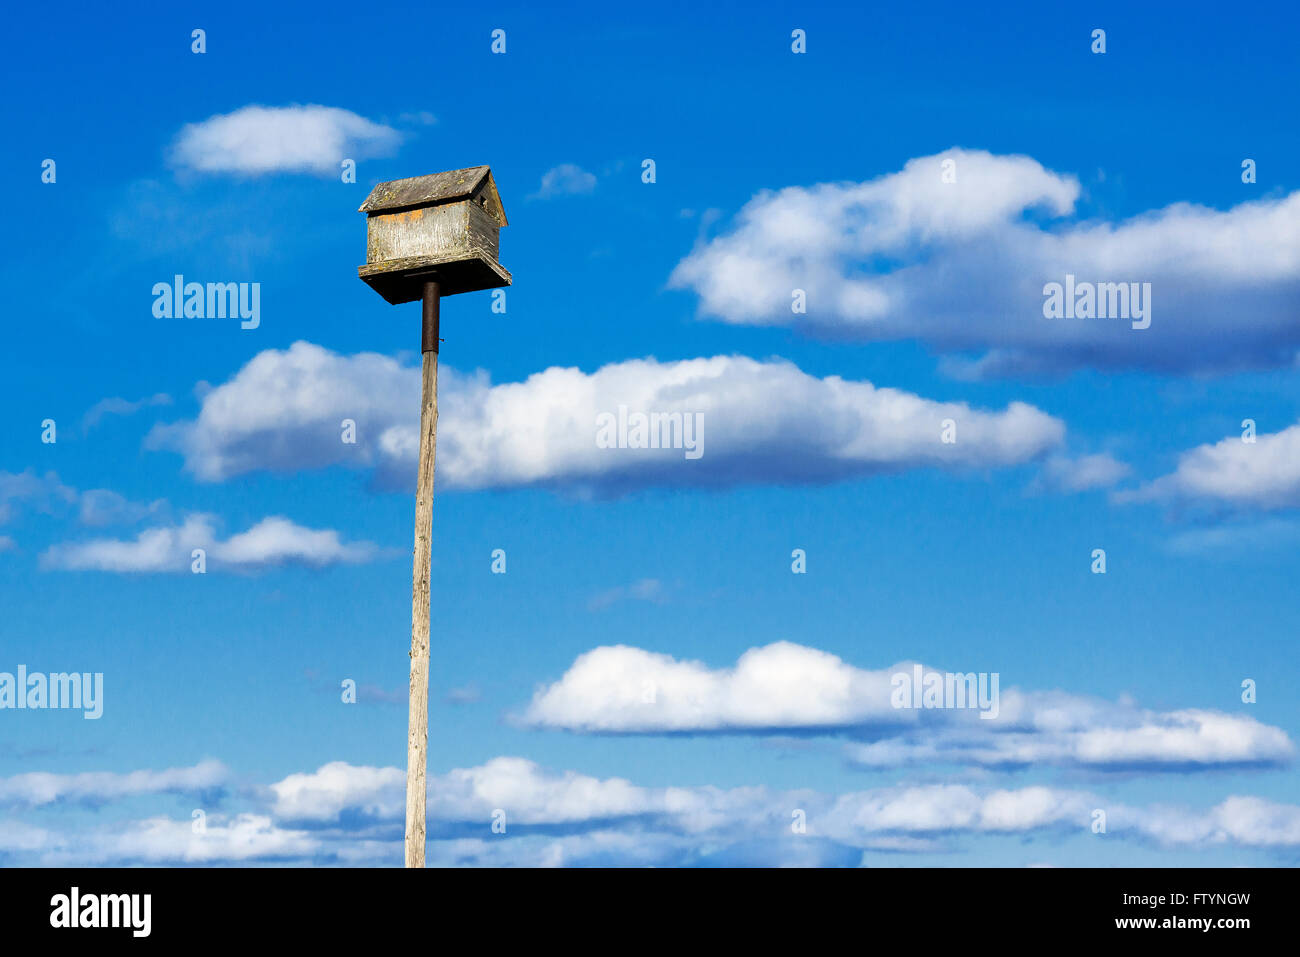 Birdhouse on a tall pole. - Stock Image